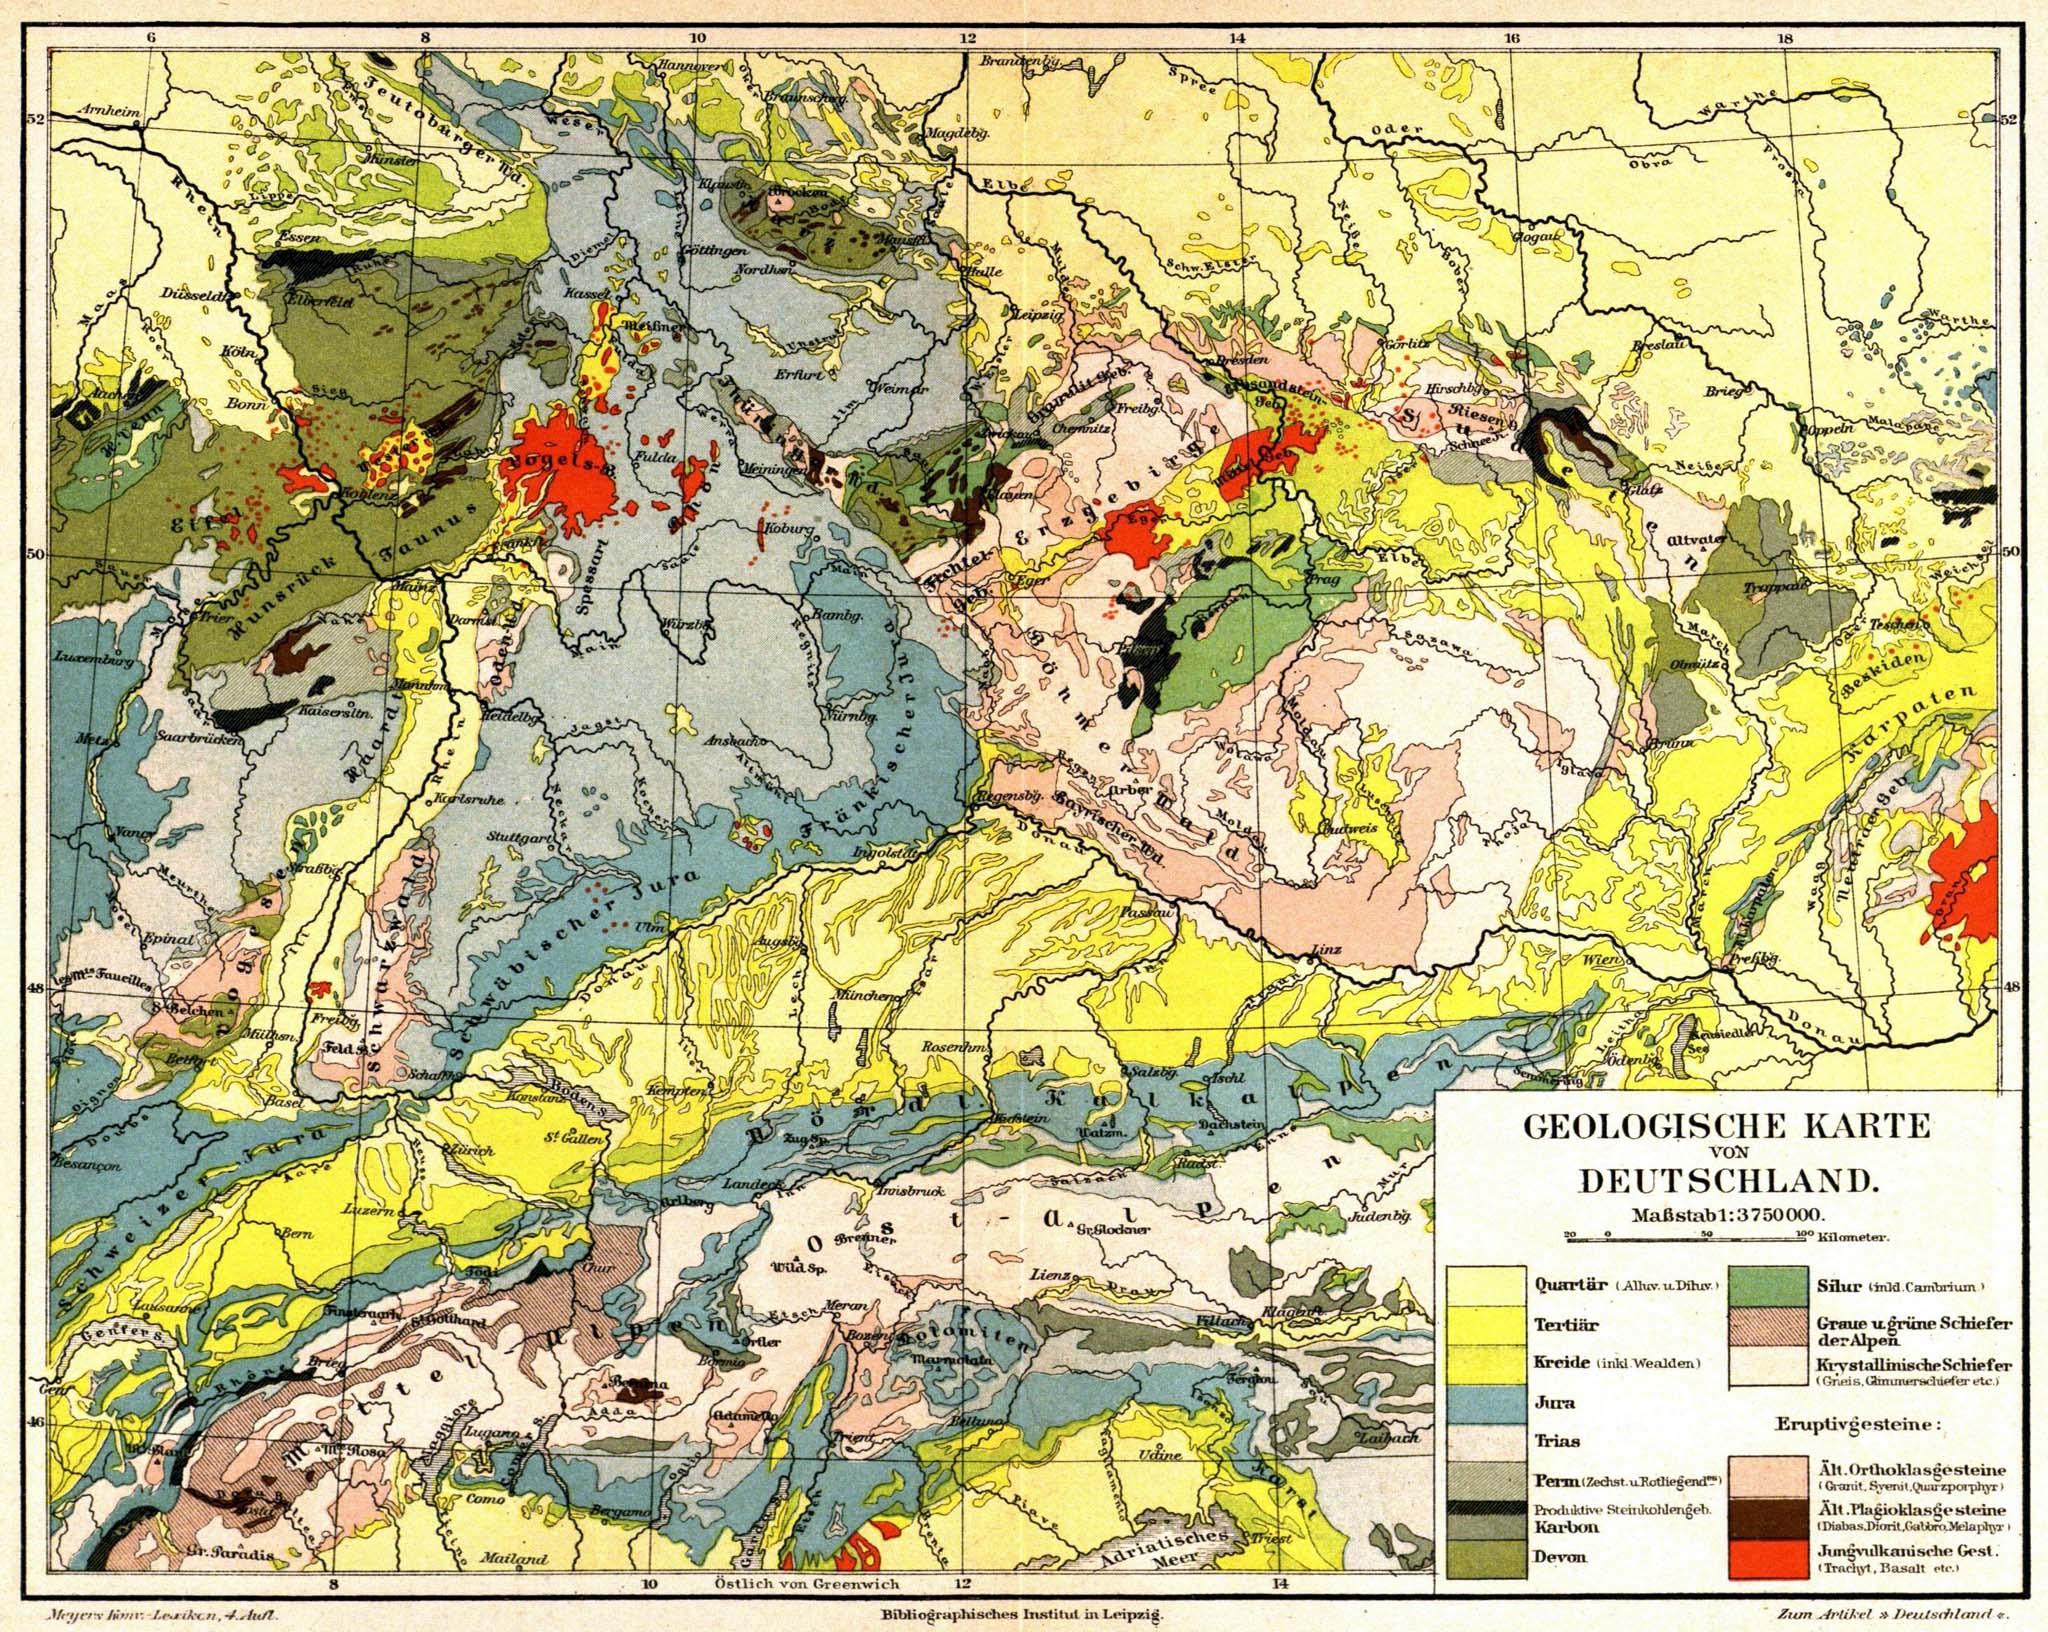 geologische karte deutschland retro|bib   Seite aus Meyers Konversationslexikon: Geologische  geologische karte deutschland